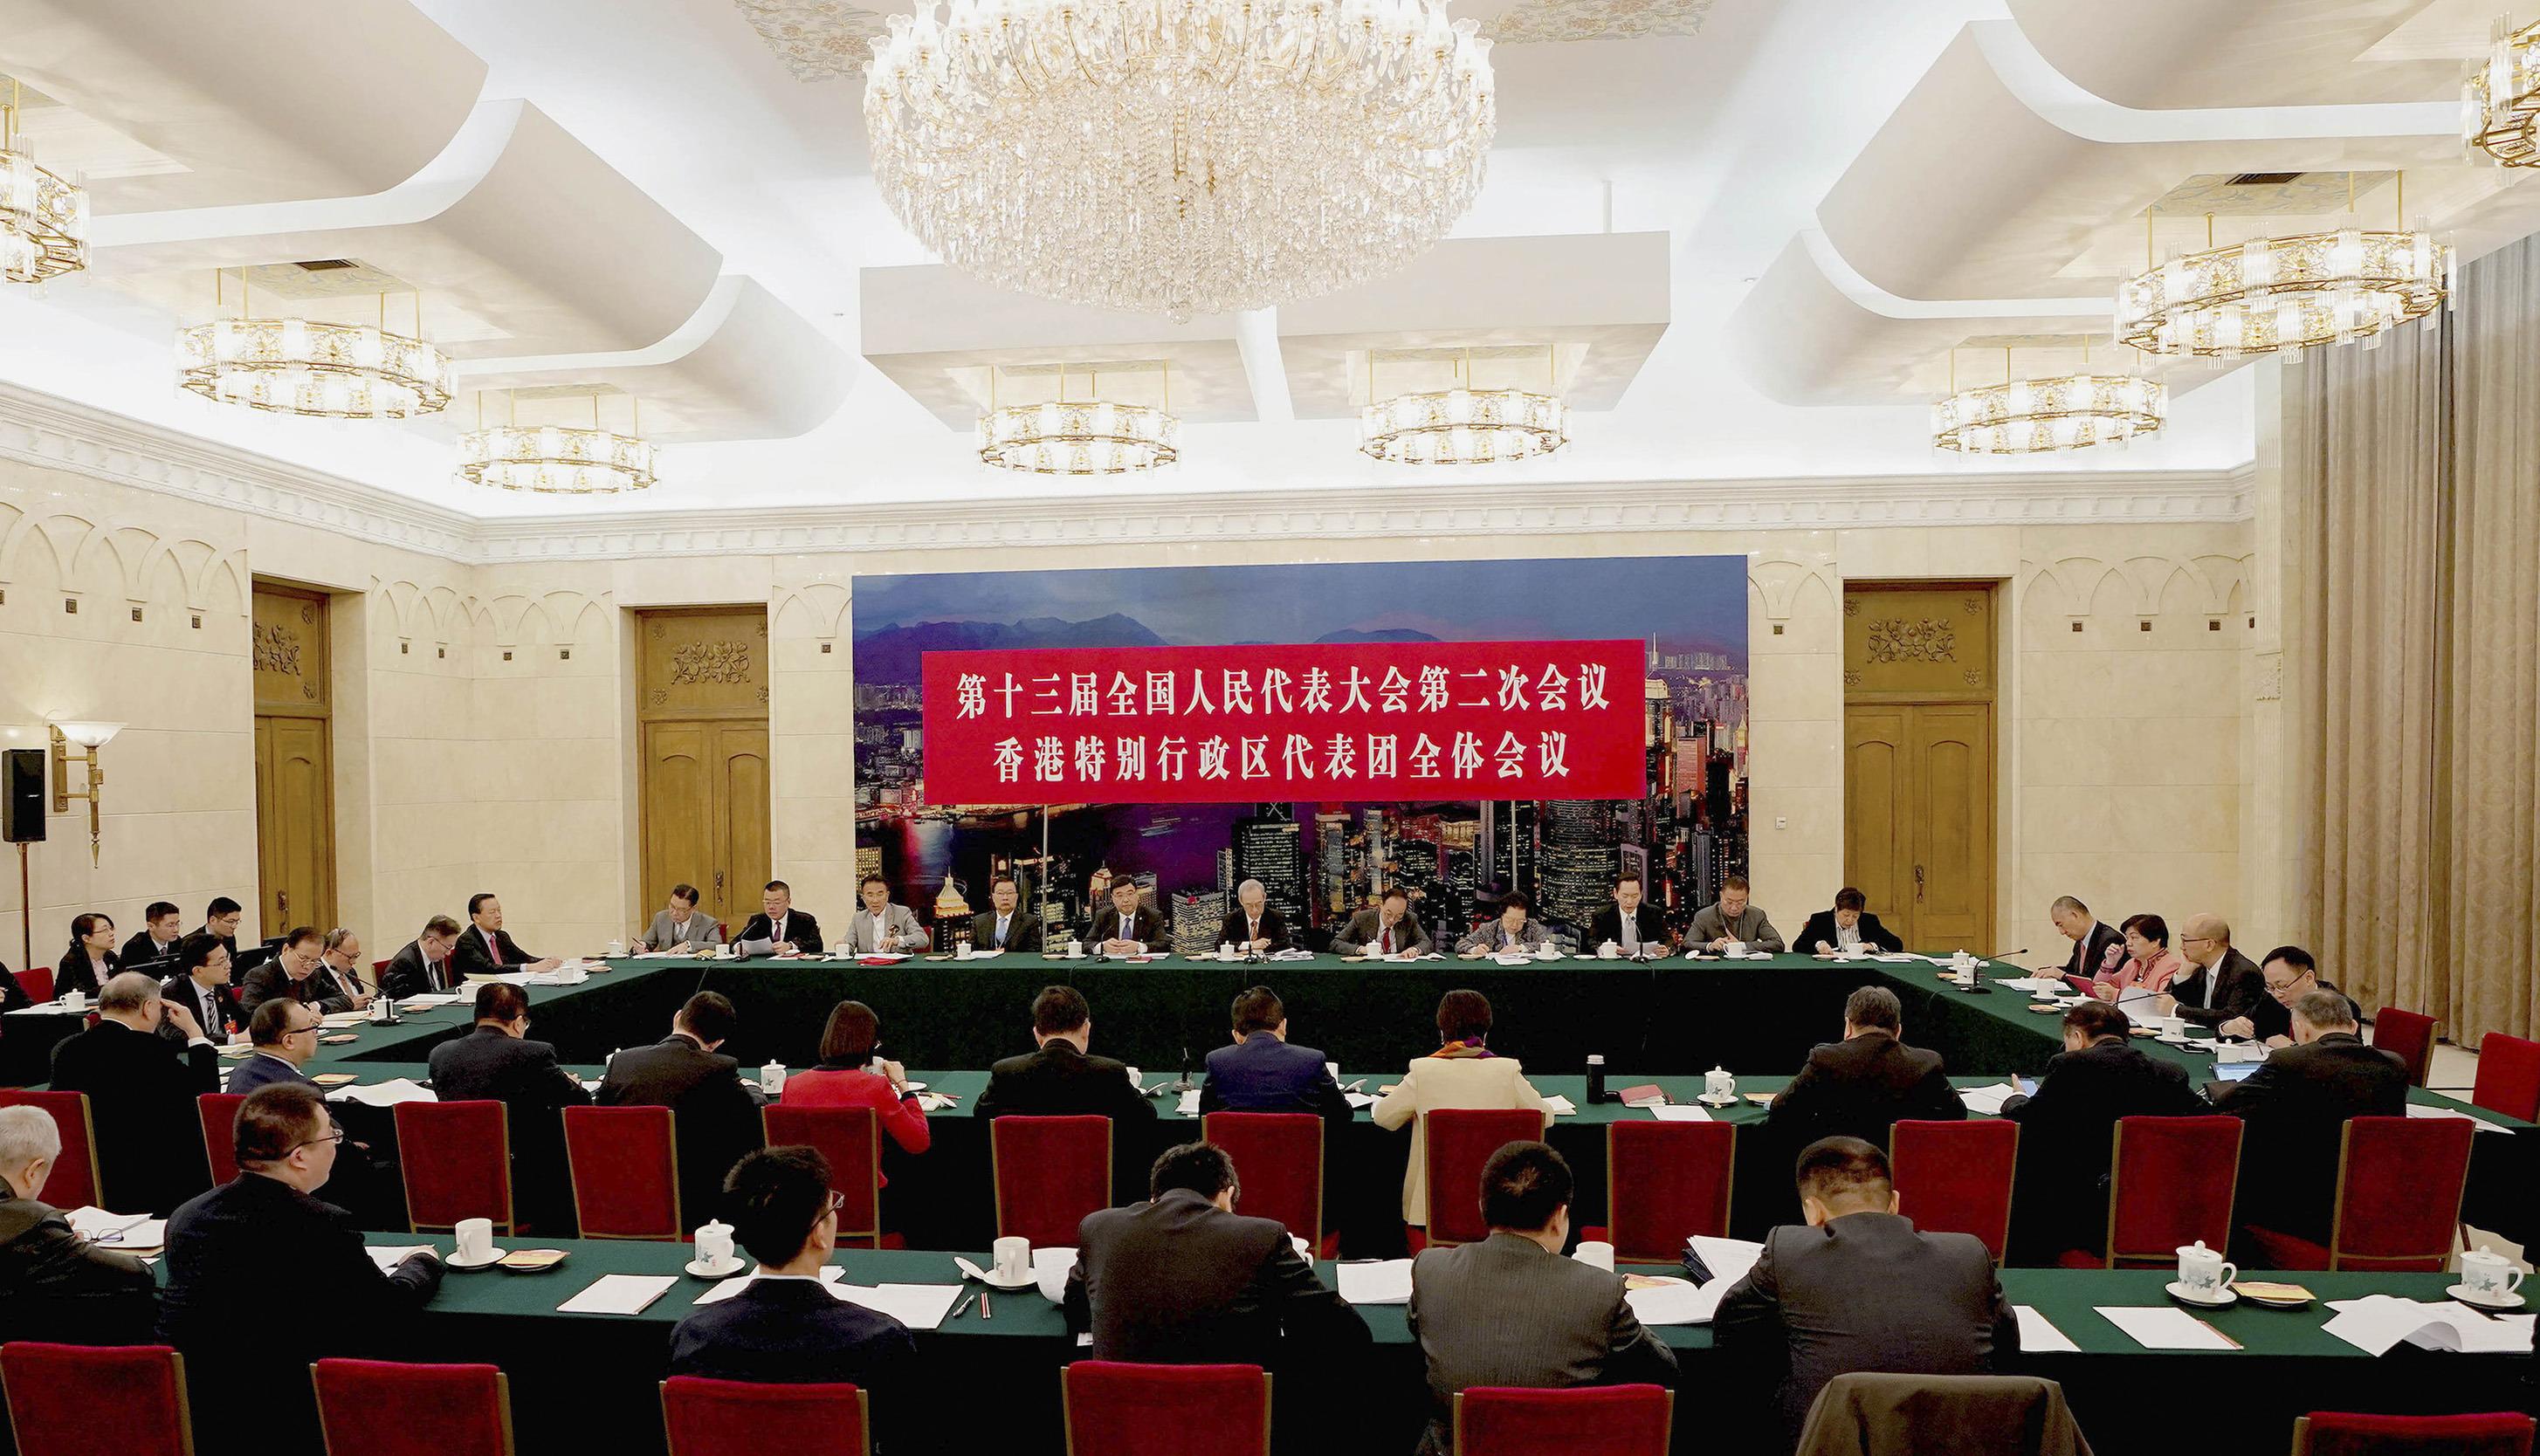 Apoyo financiero es clave en lucha contra pobreza de China